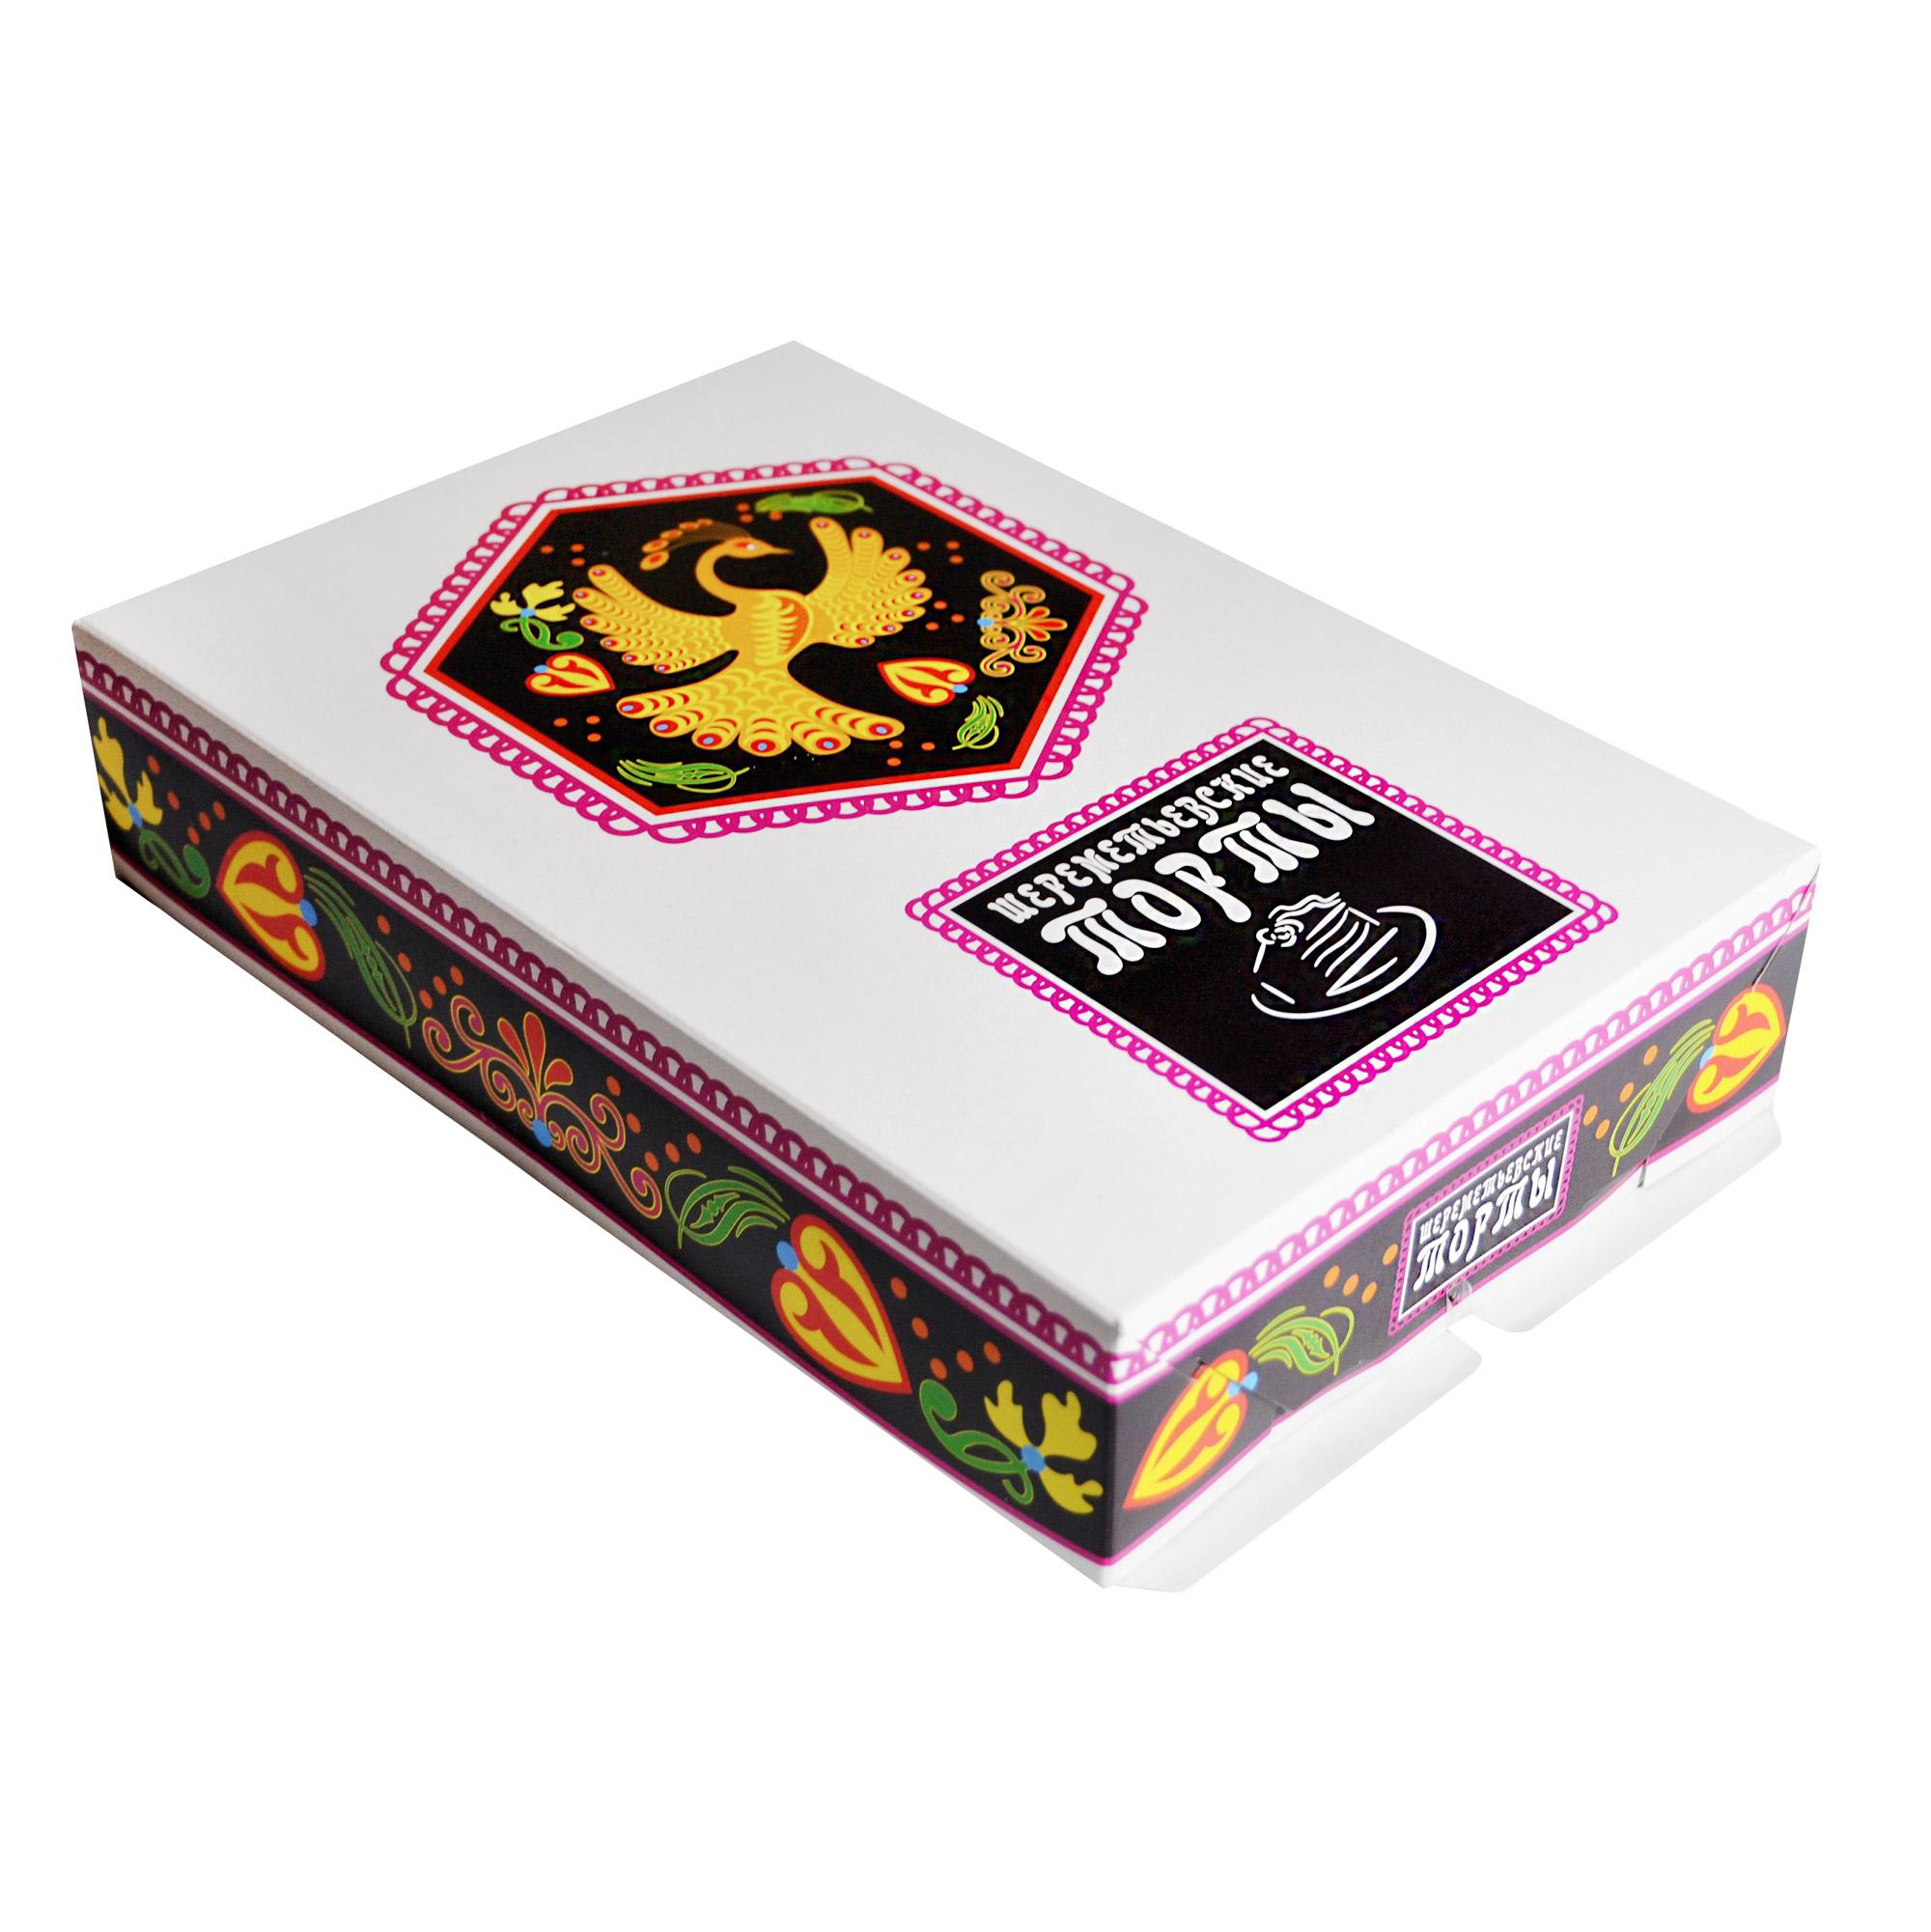 Торт Шереметьевская птичка Шереметьевские торты 1,1 кг